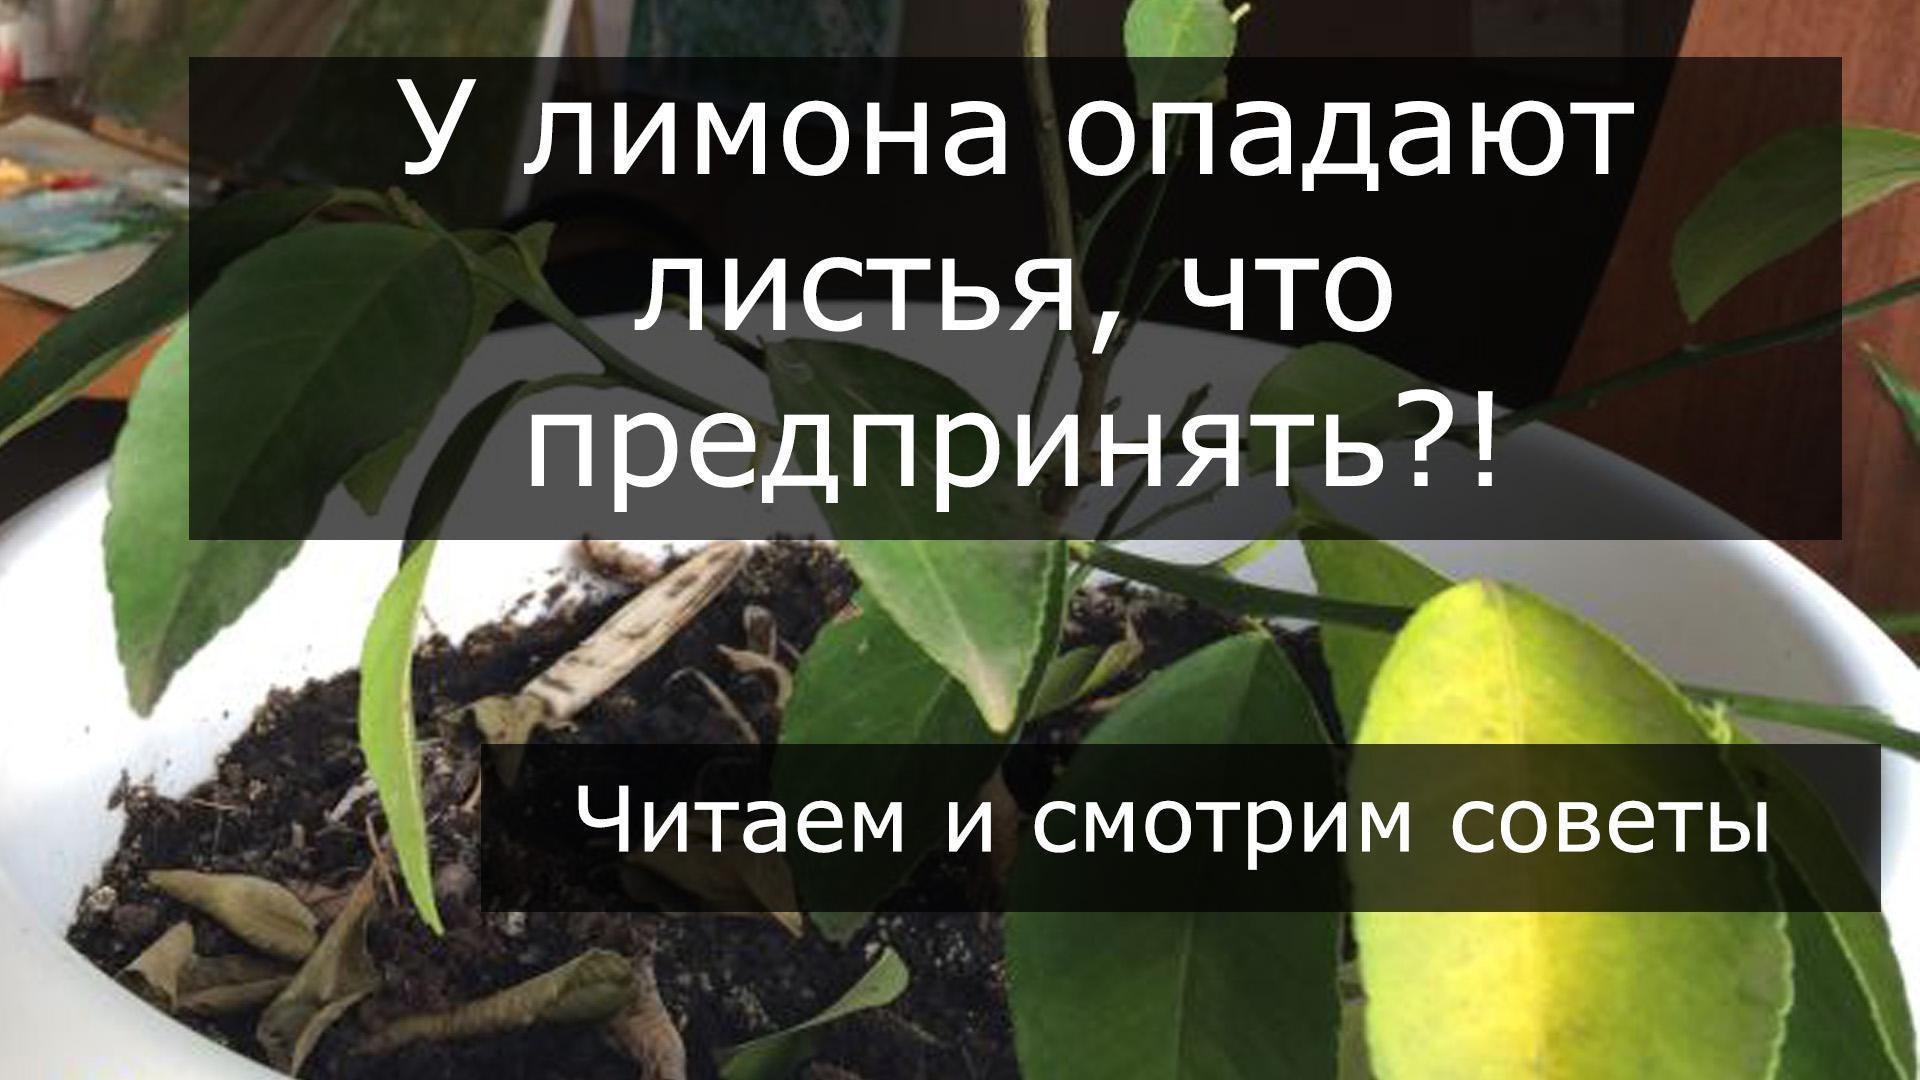 Почему у лимона опадают листья и что делать? || Почему облетают зеленые листья